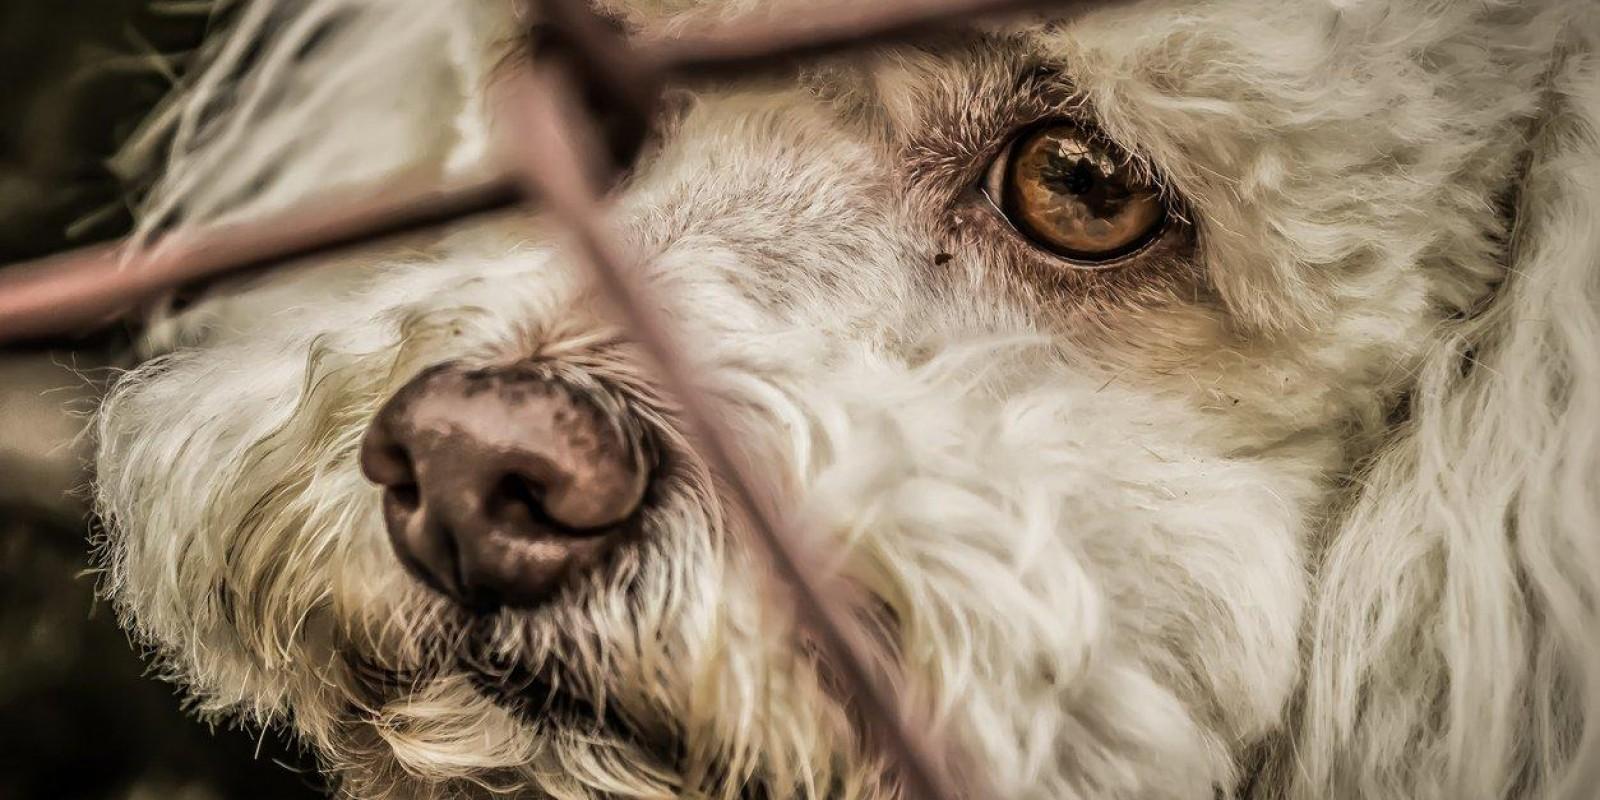 Os direitos dos animais no Brasil e as medidas para combater os maus-tratos